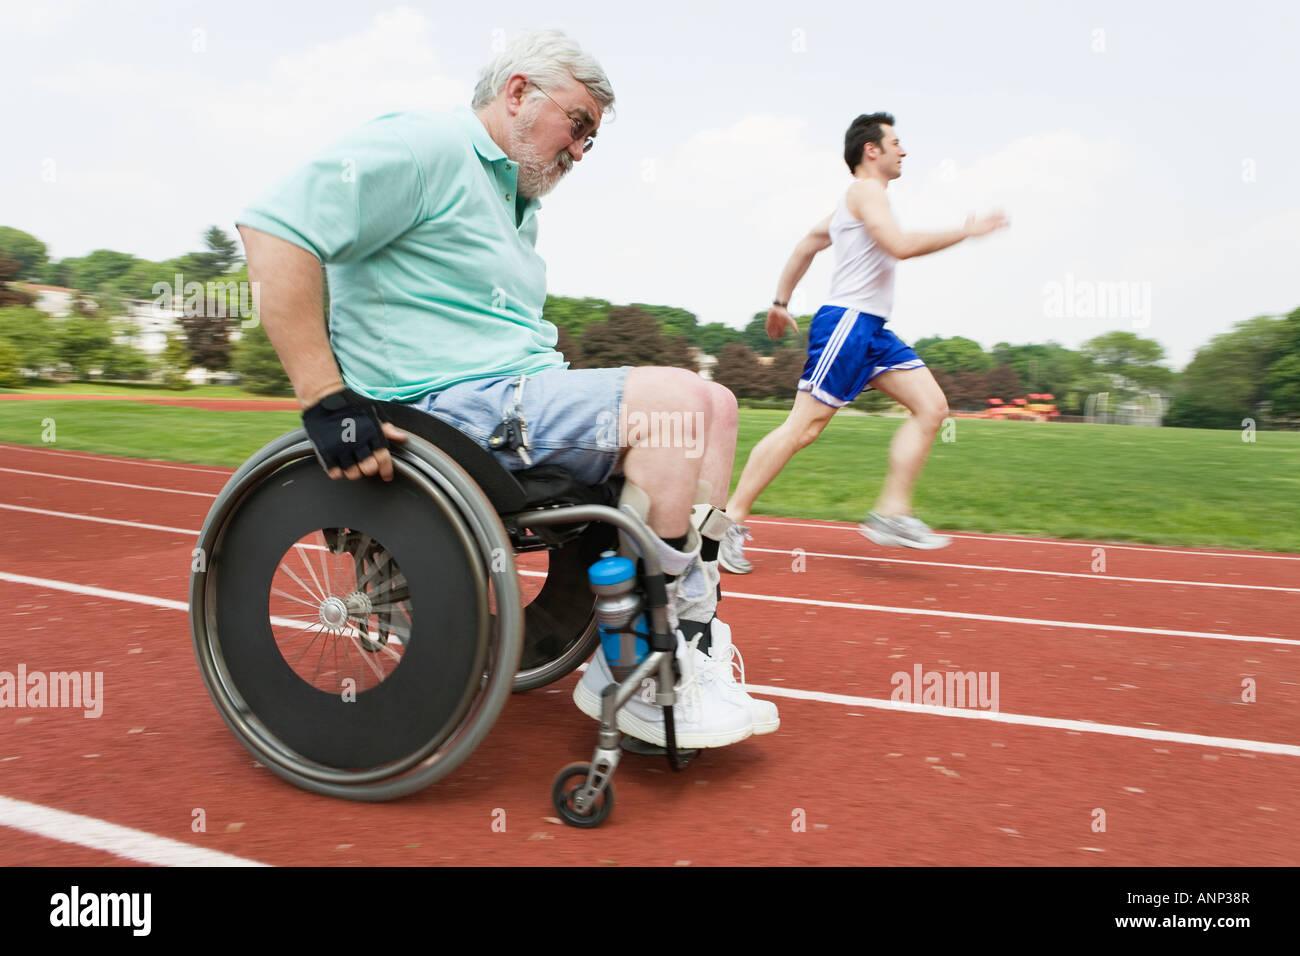 Jeune homme courir avec un homme handicapé sur un hippodrome. Photo Stock